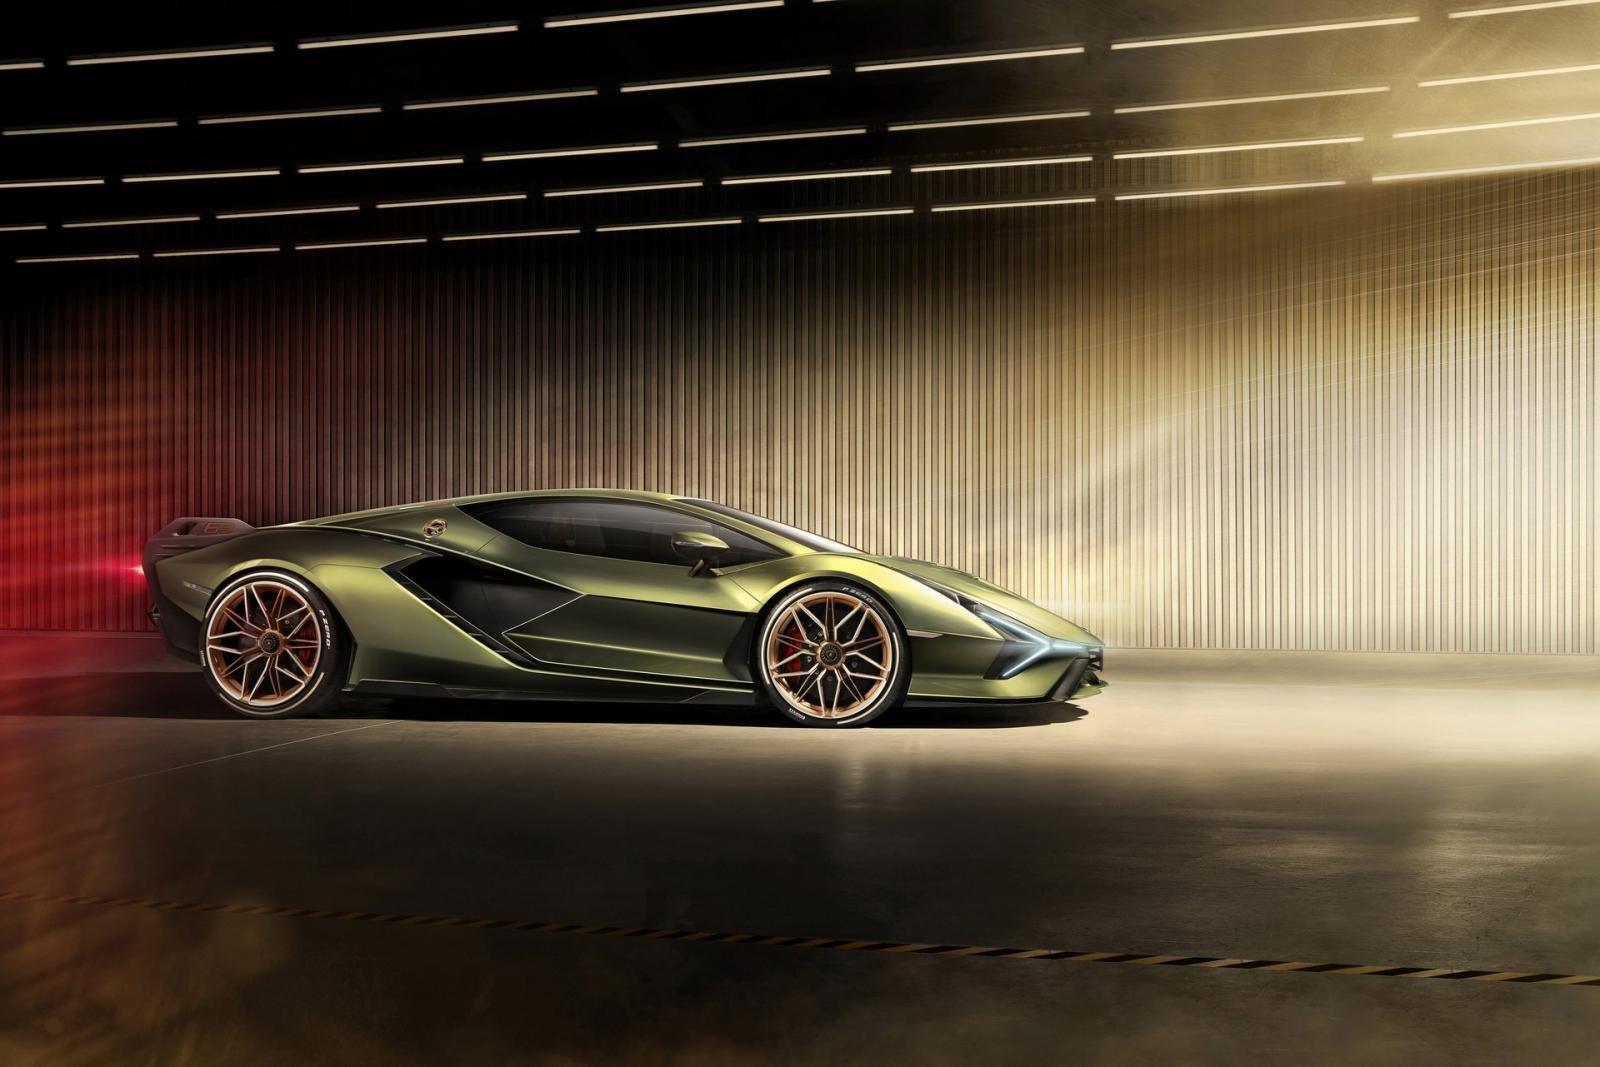 Chỉ có 63 chiếc Lamborghini Sián được sản xuất.